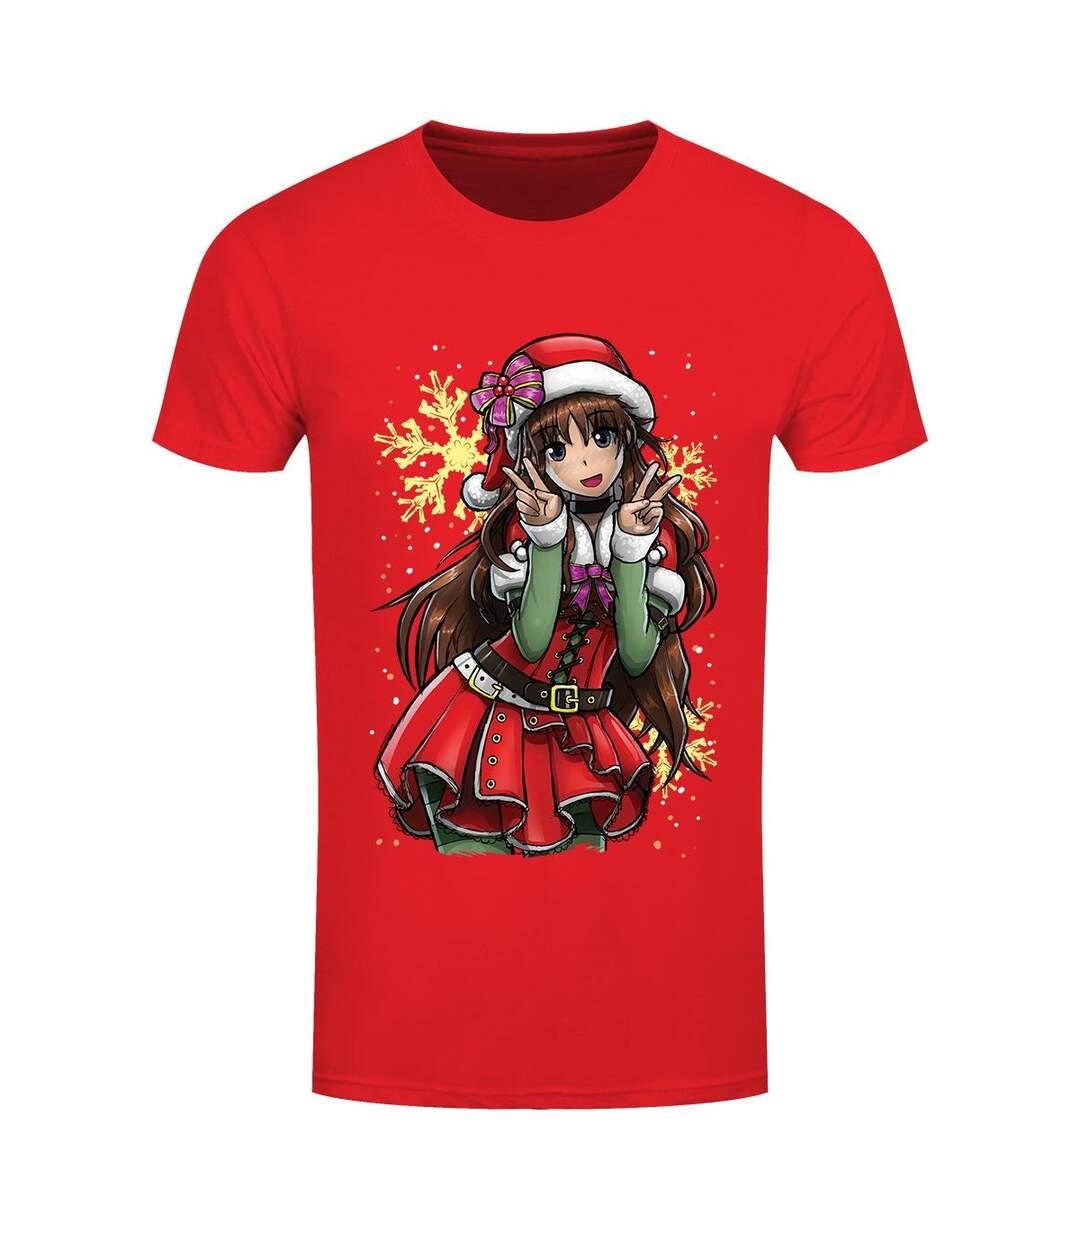 Tokyo Spirit Mens Christmas T-Shirt (Red/Green) - UTGR4183